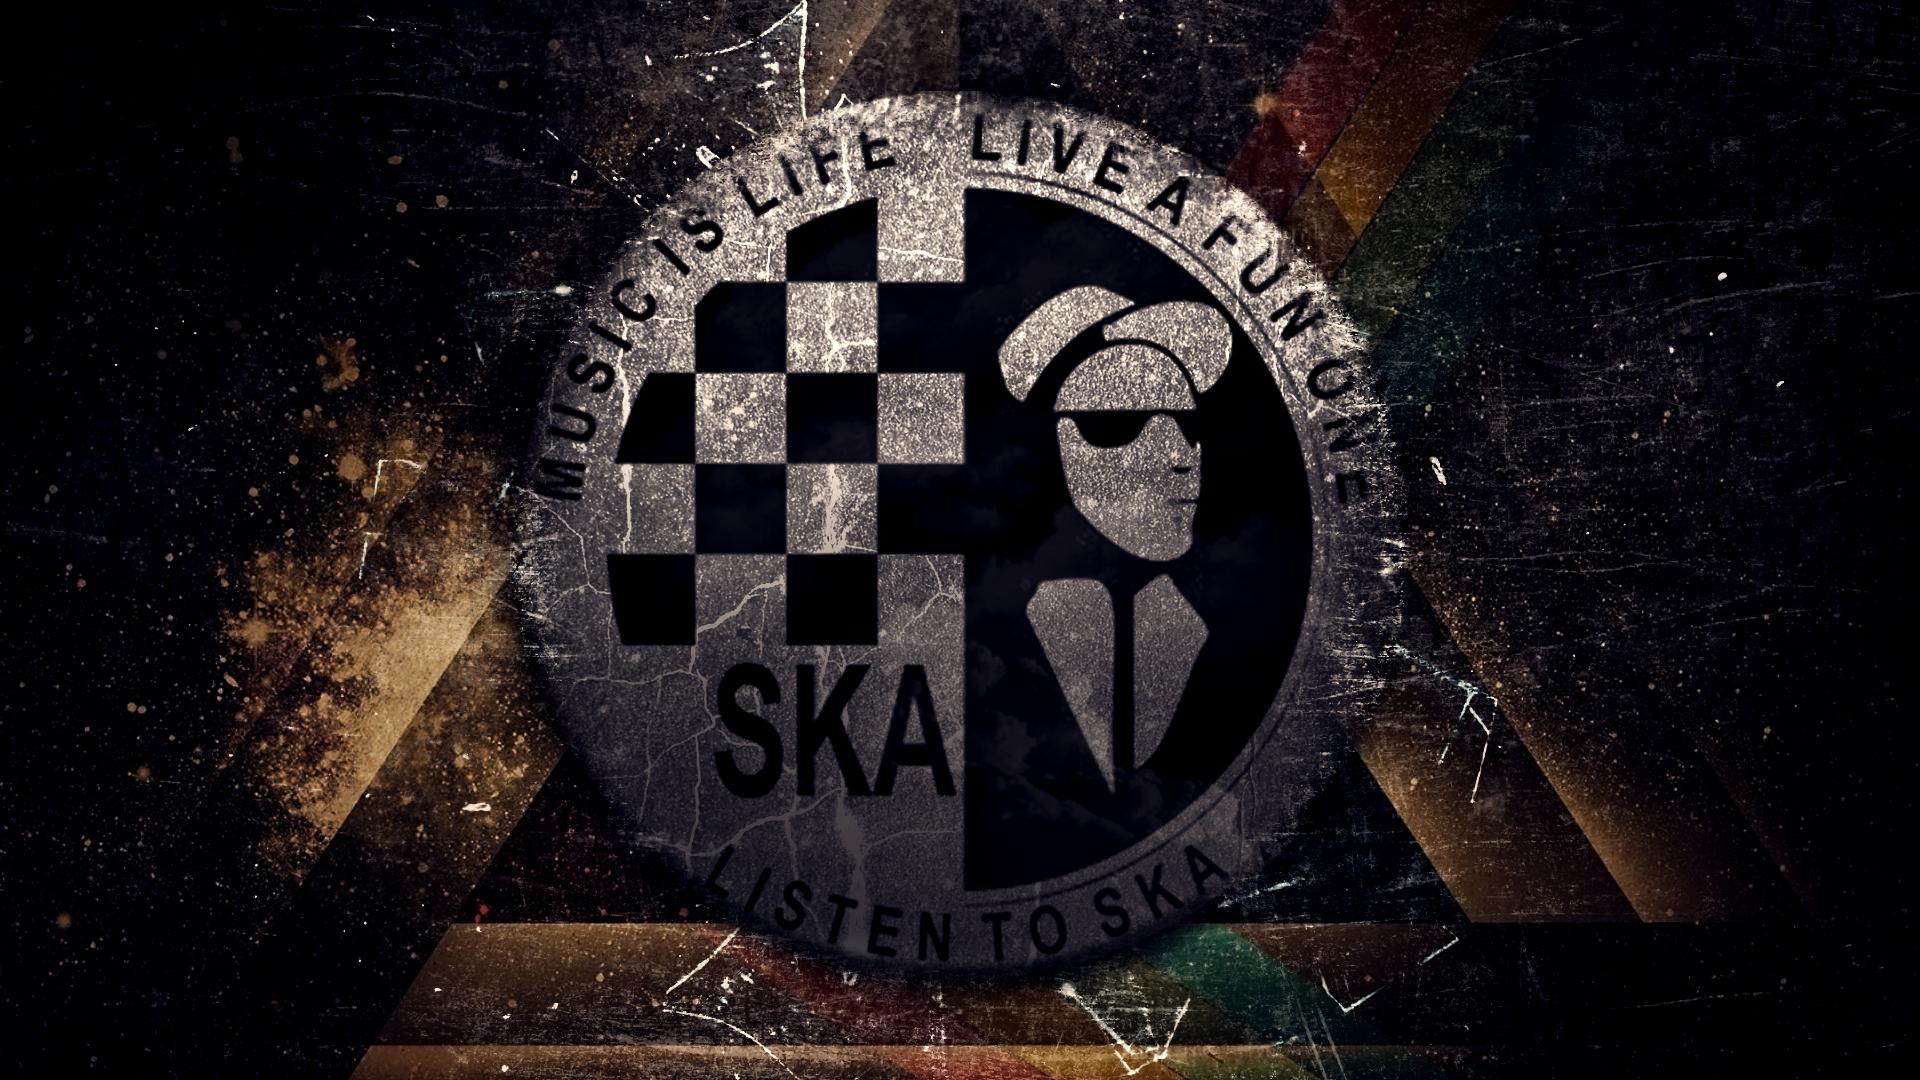 Ska by BronyYAY123 on DeviantArt